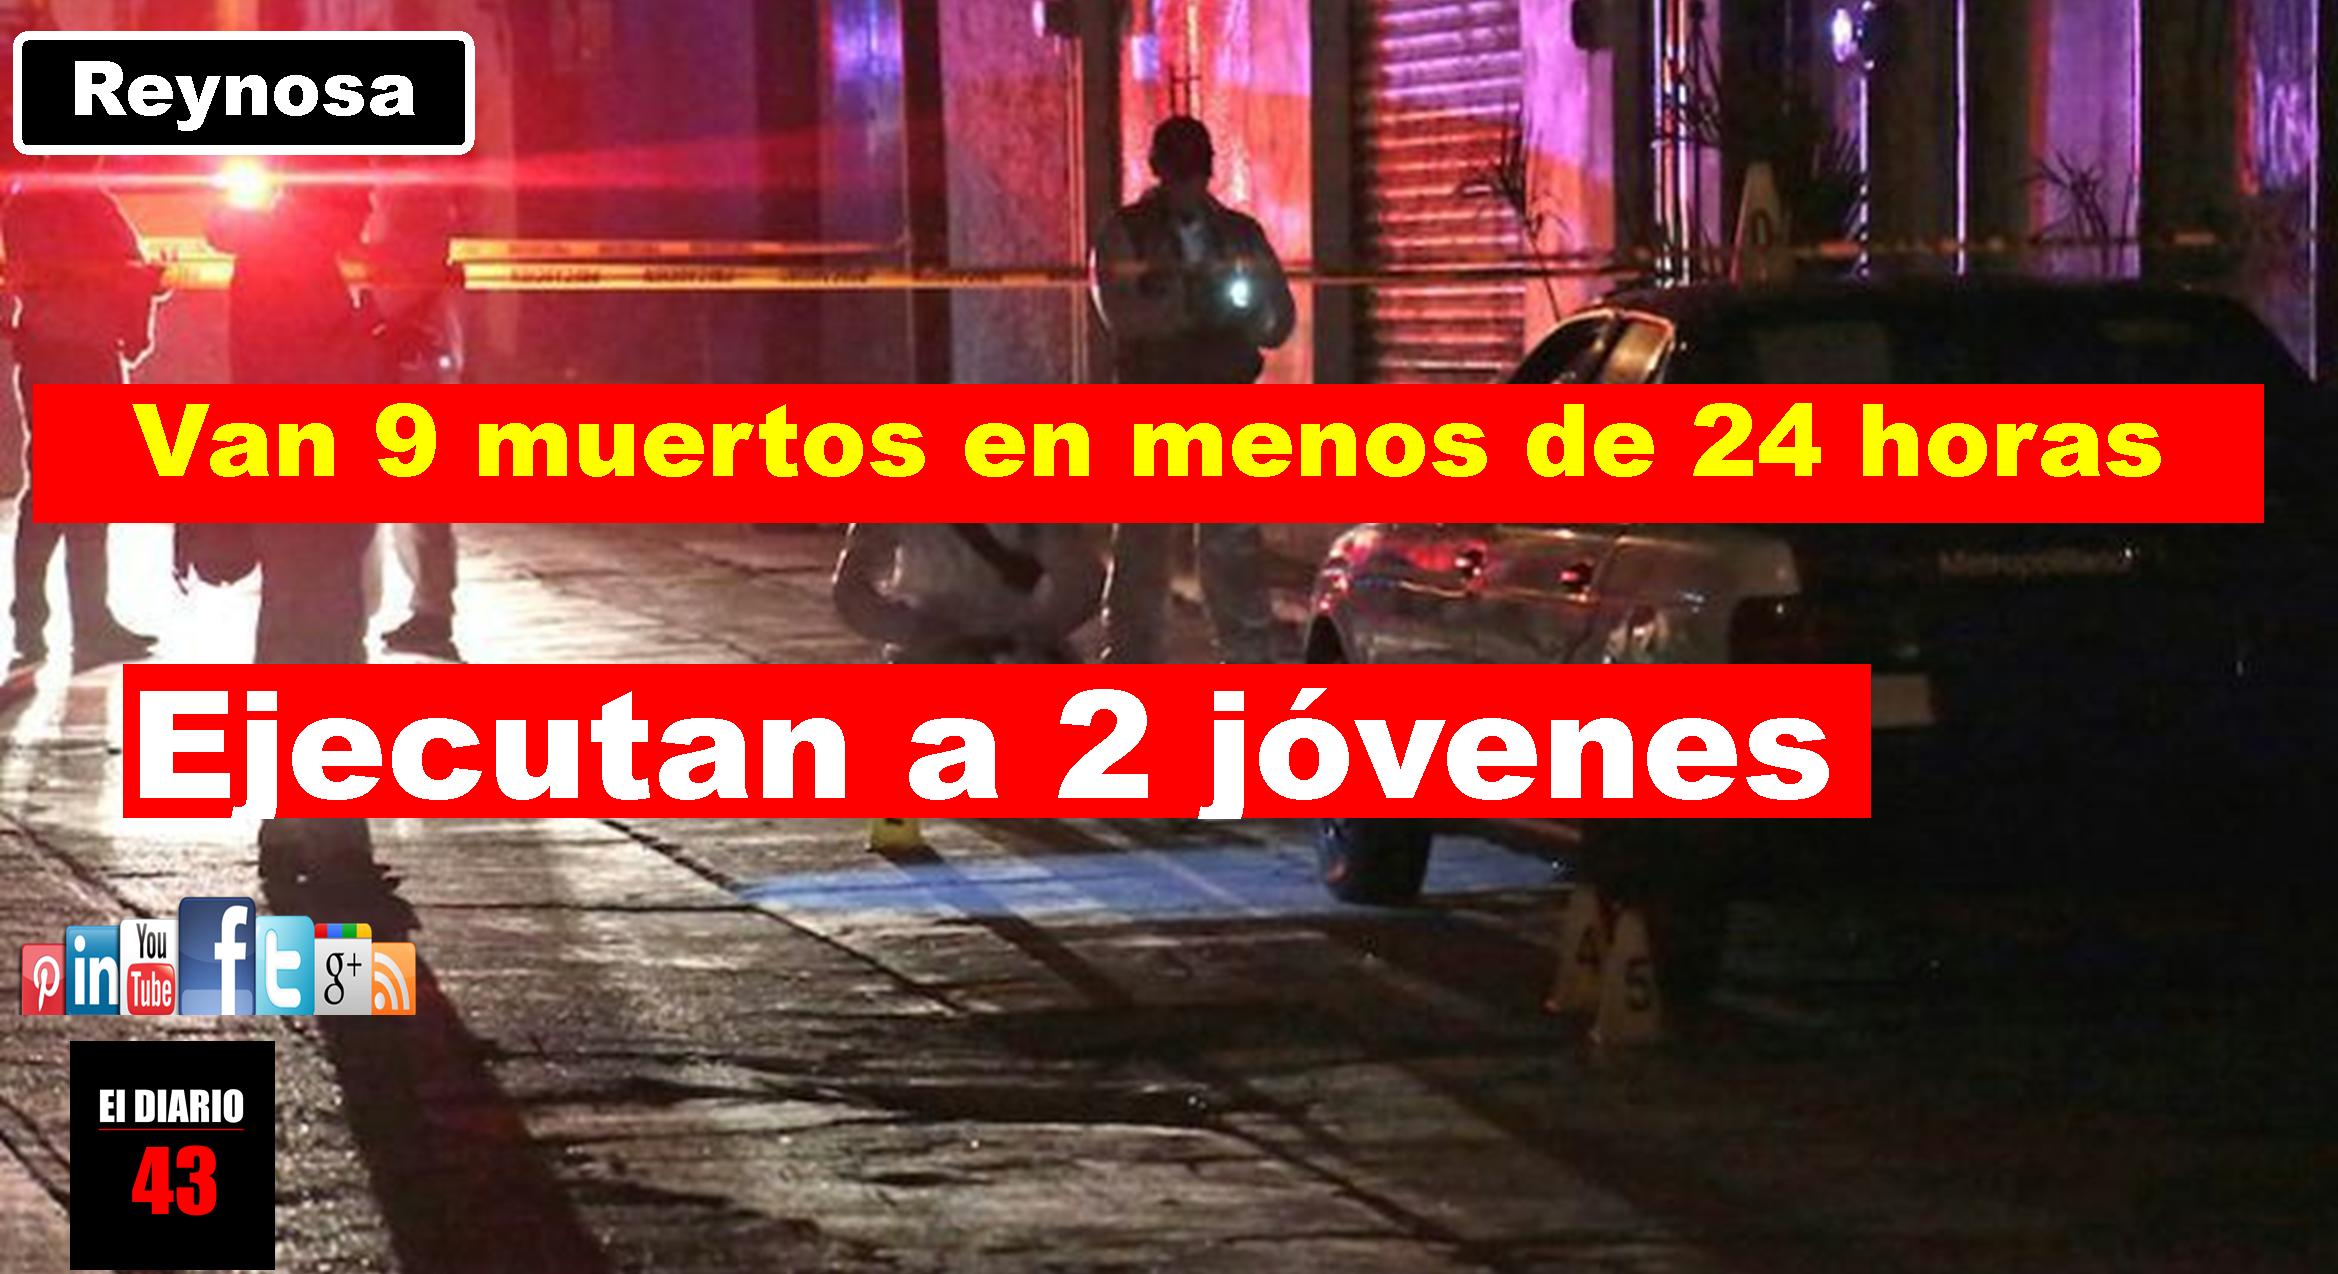 Dos jóvenes fueron ultimados a balazos frente a su domicilio en Reynosa